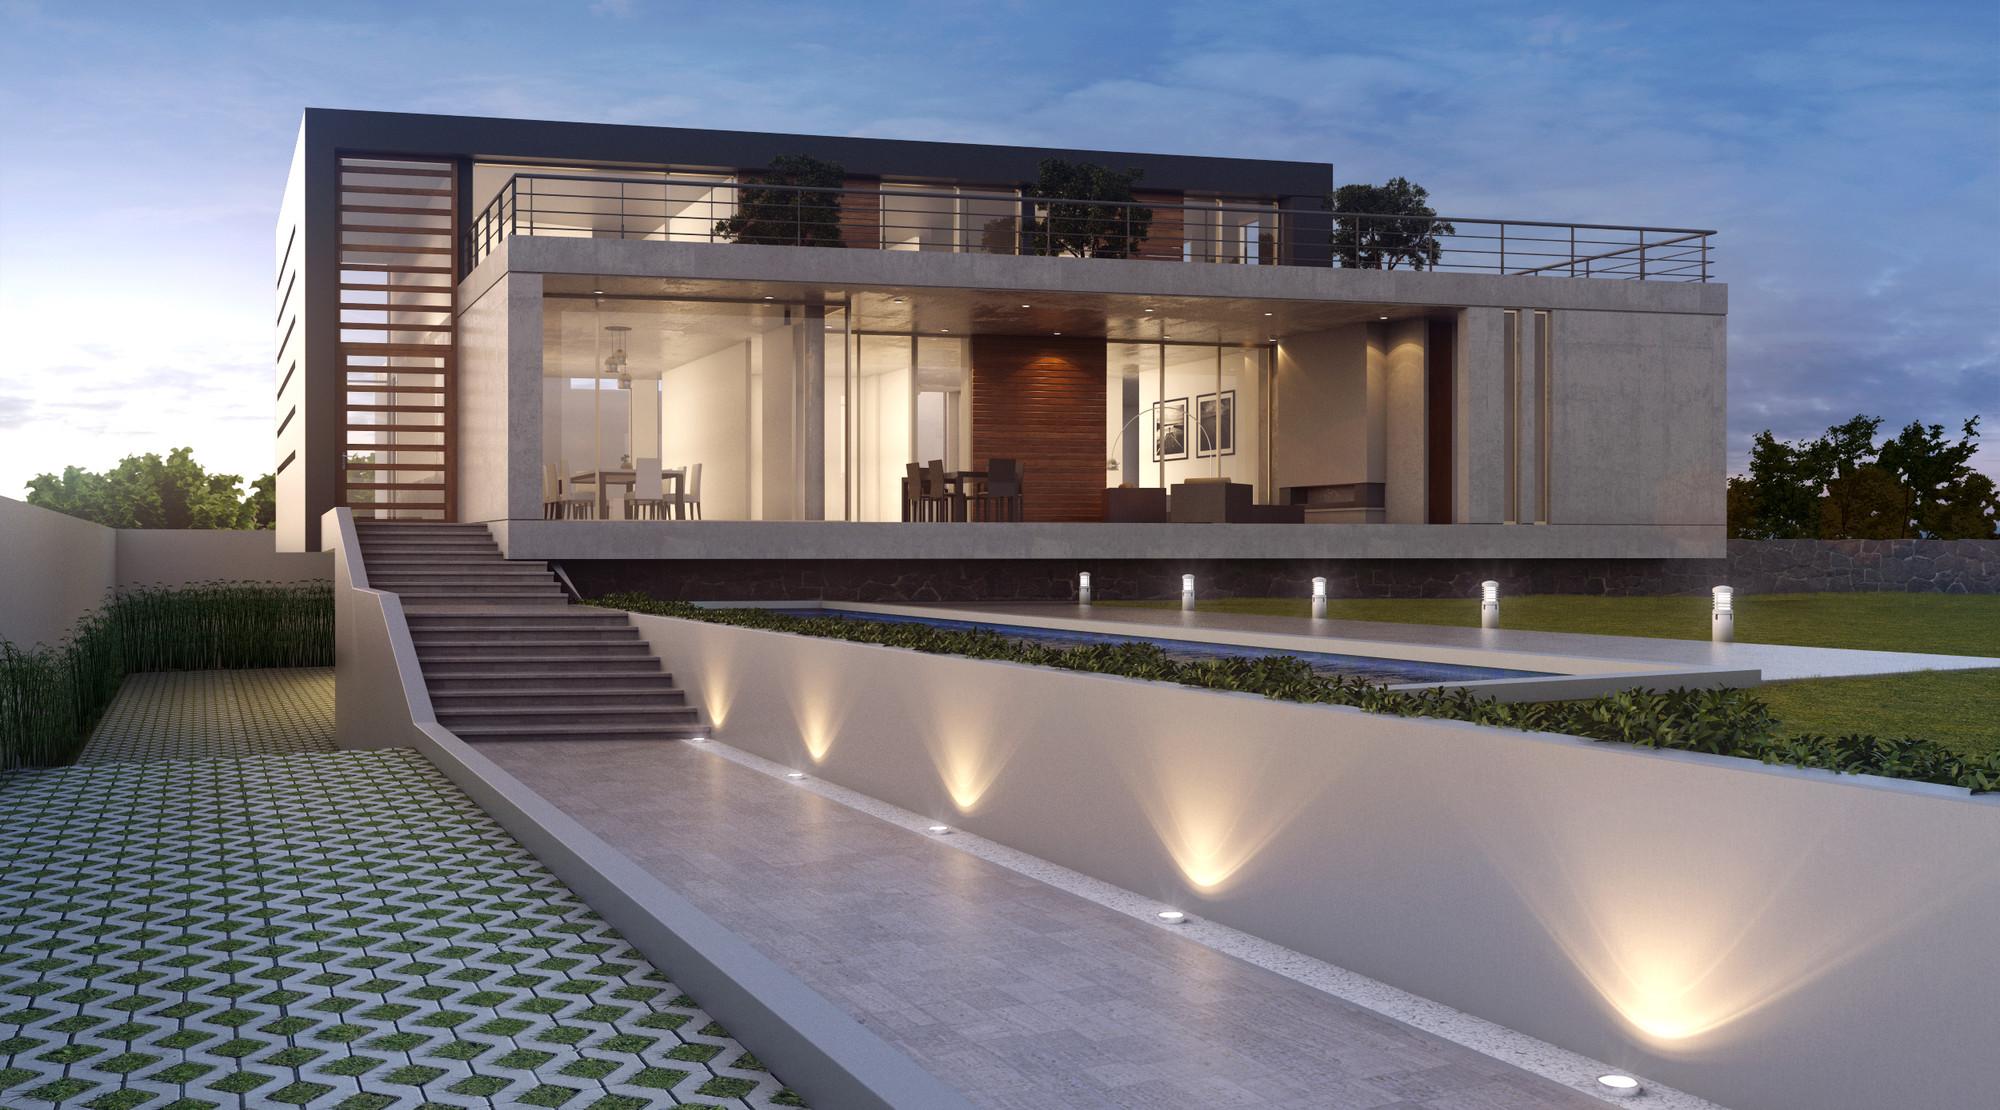 Casas de diseno minimalista